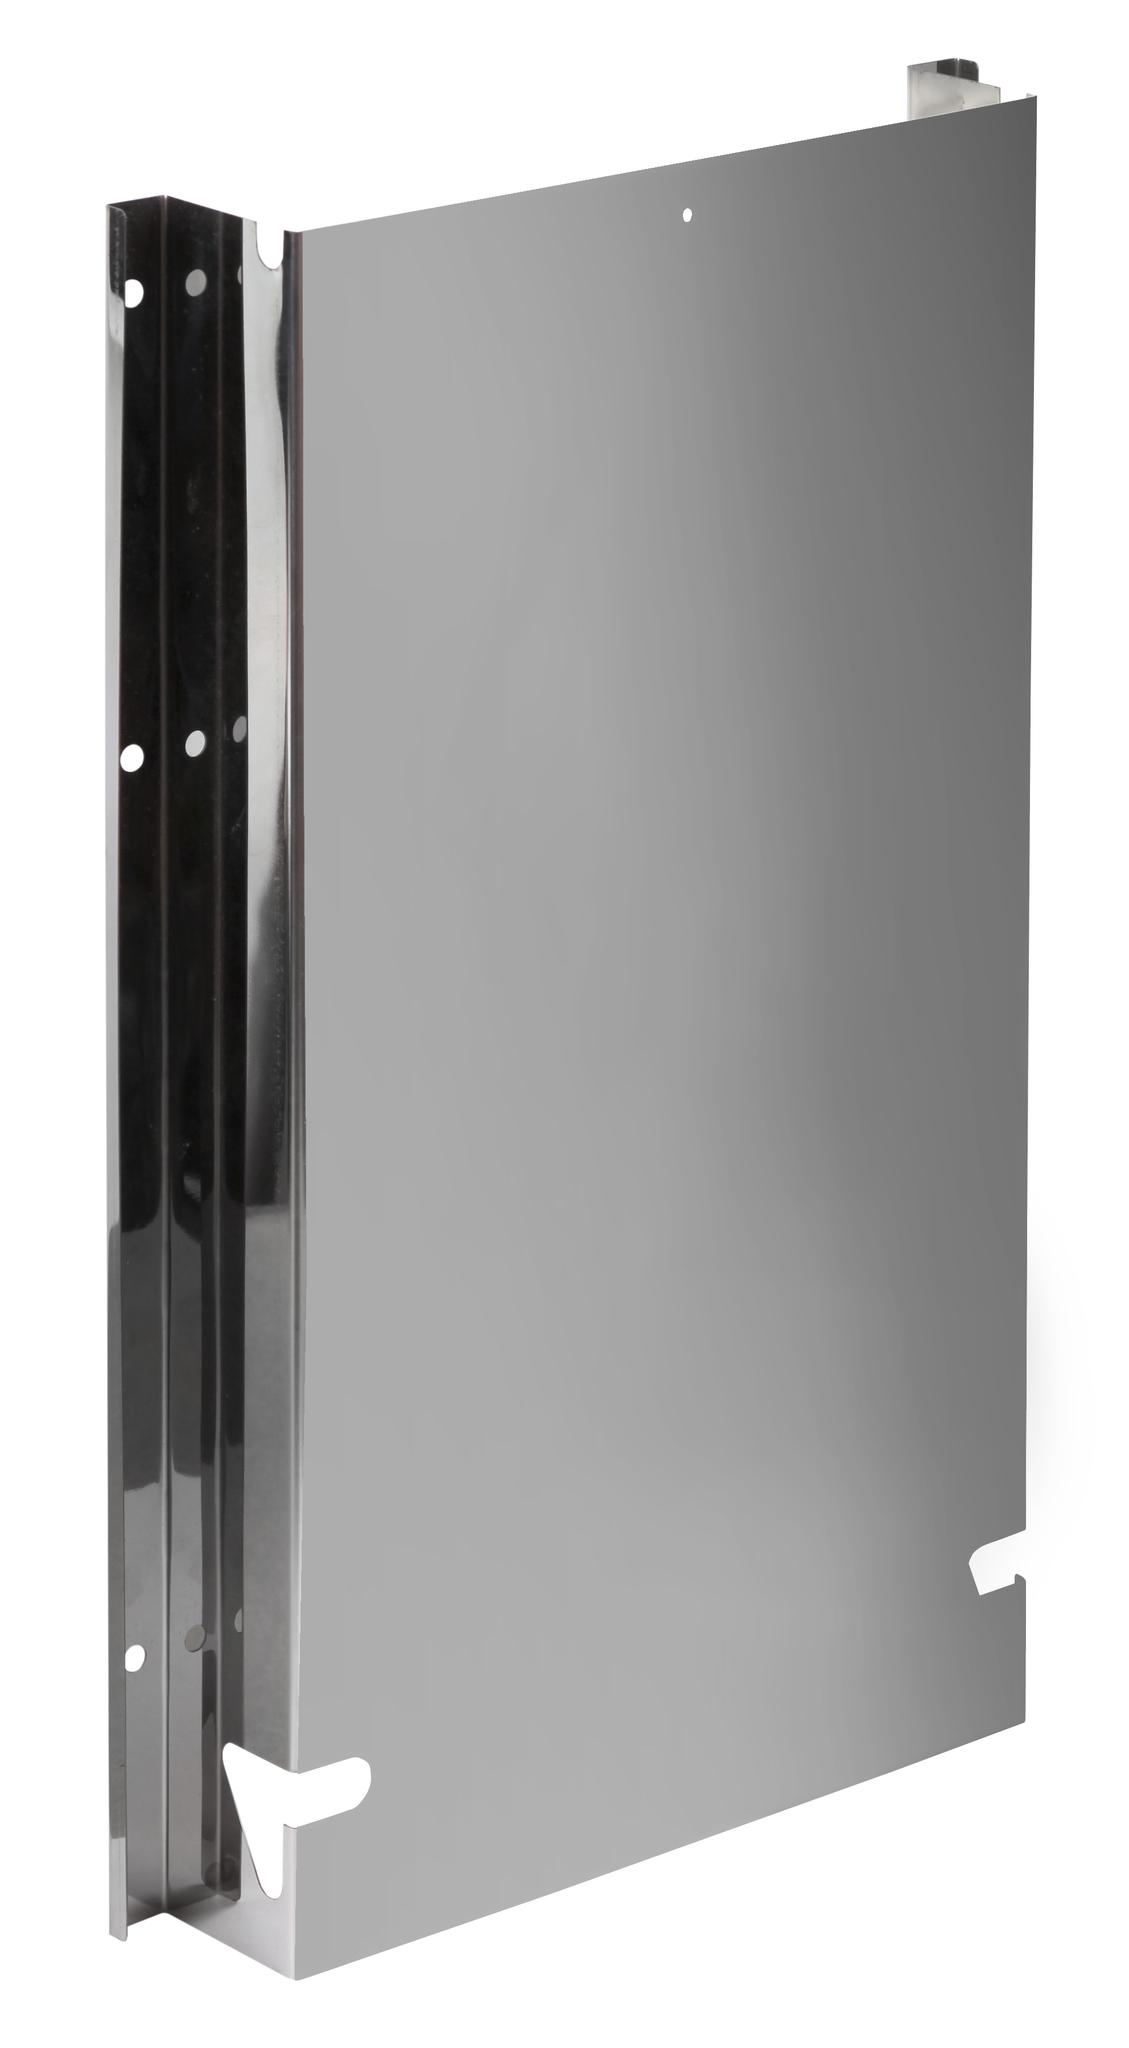 Монтажные элементы: Кронштейн SAWO HP01-006 для монтажа печи MINI X на стену rcf link bar hdl20 hdl18 дополнительный кронштейн для монтажа hdl20 к hdl18 в подвесном кластере в комплекте 2 шт